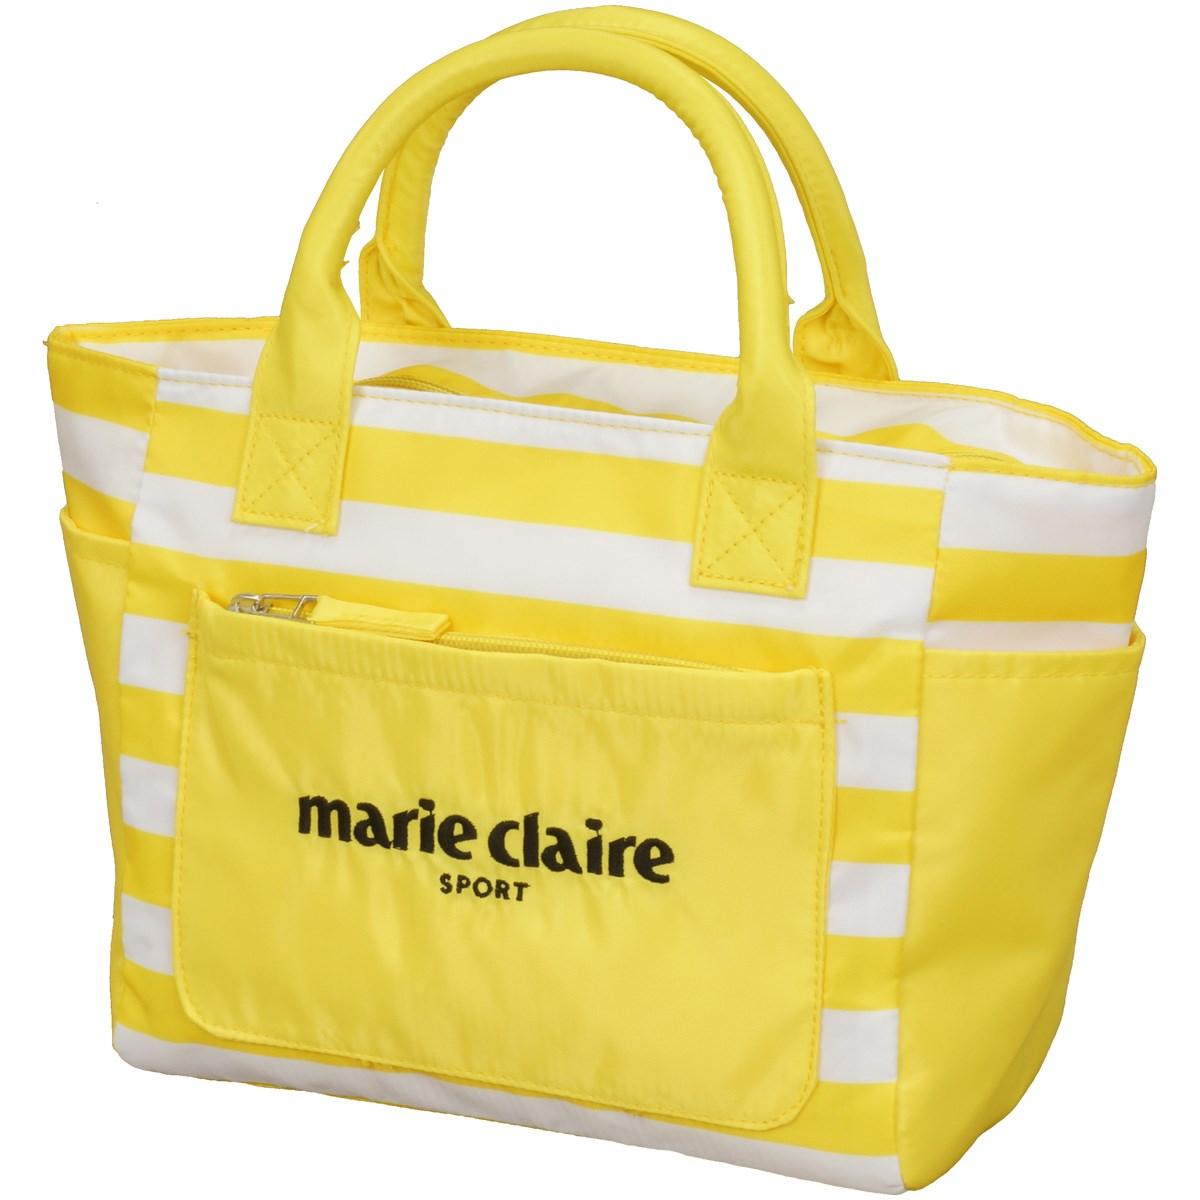 マリクレール(marie claire) カートバッグ